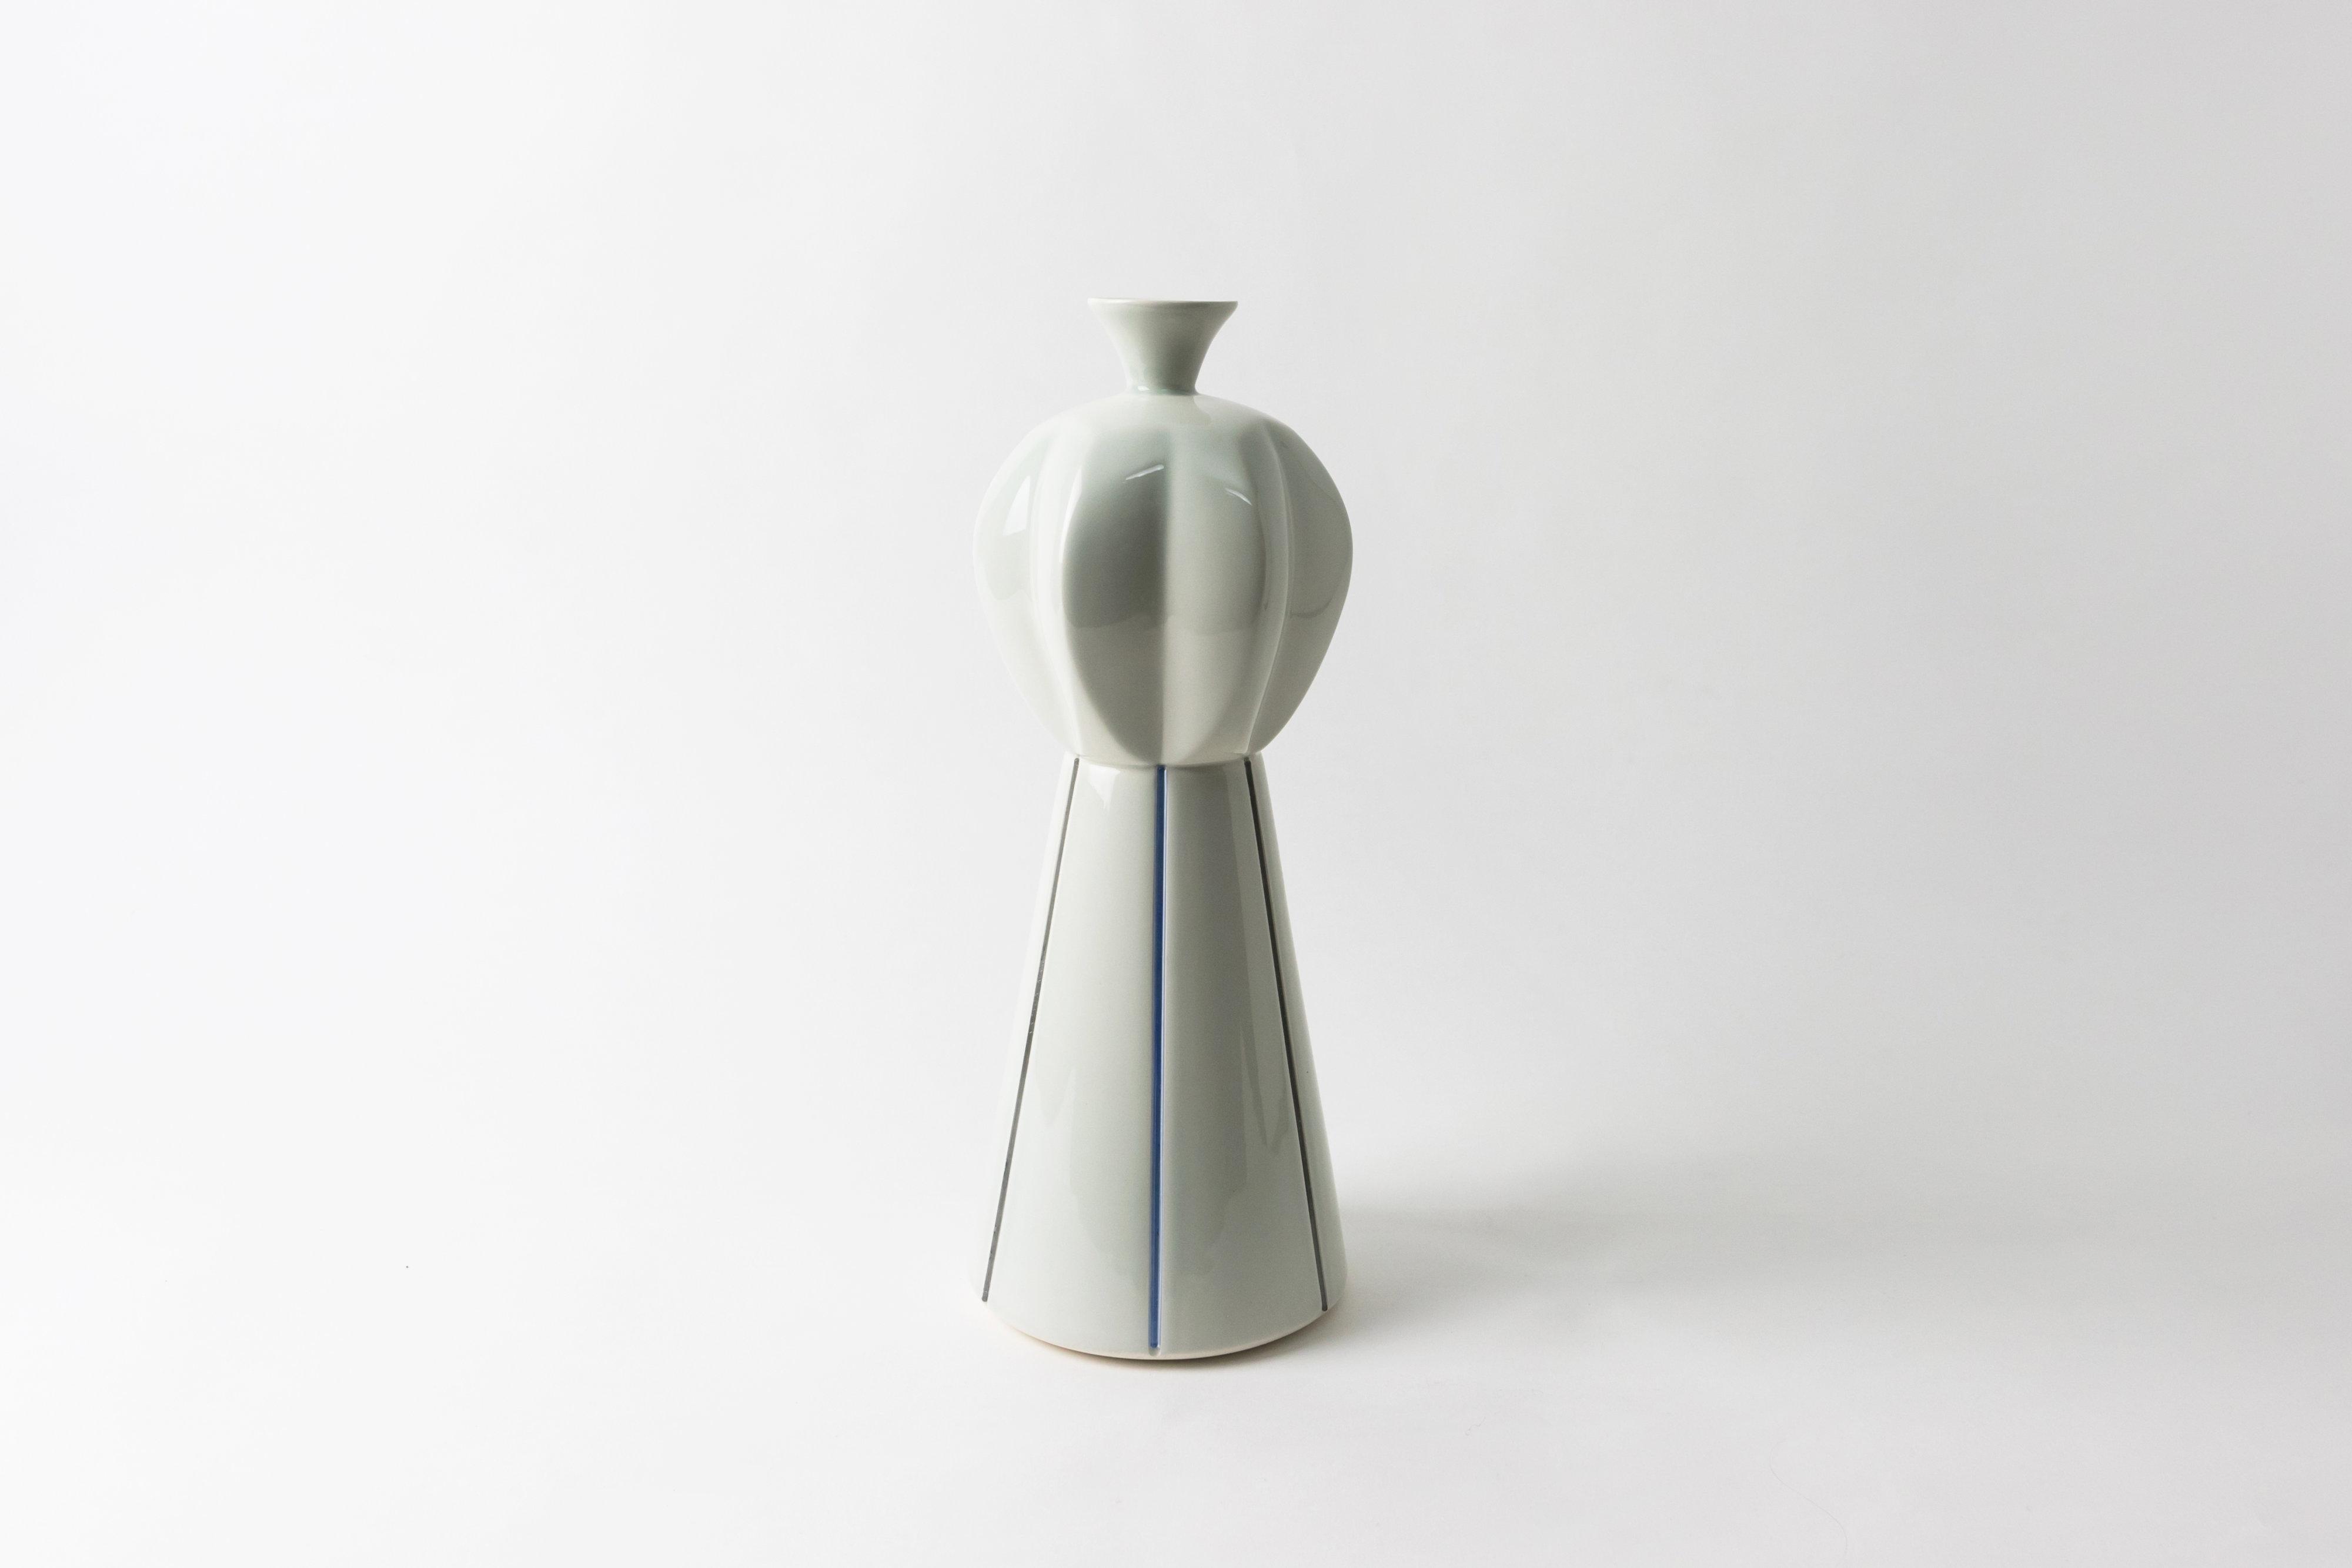 Christopher Riggio, Tall Striped Vase, 2020, Earthenware, Glass